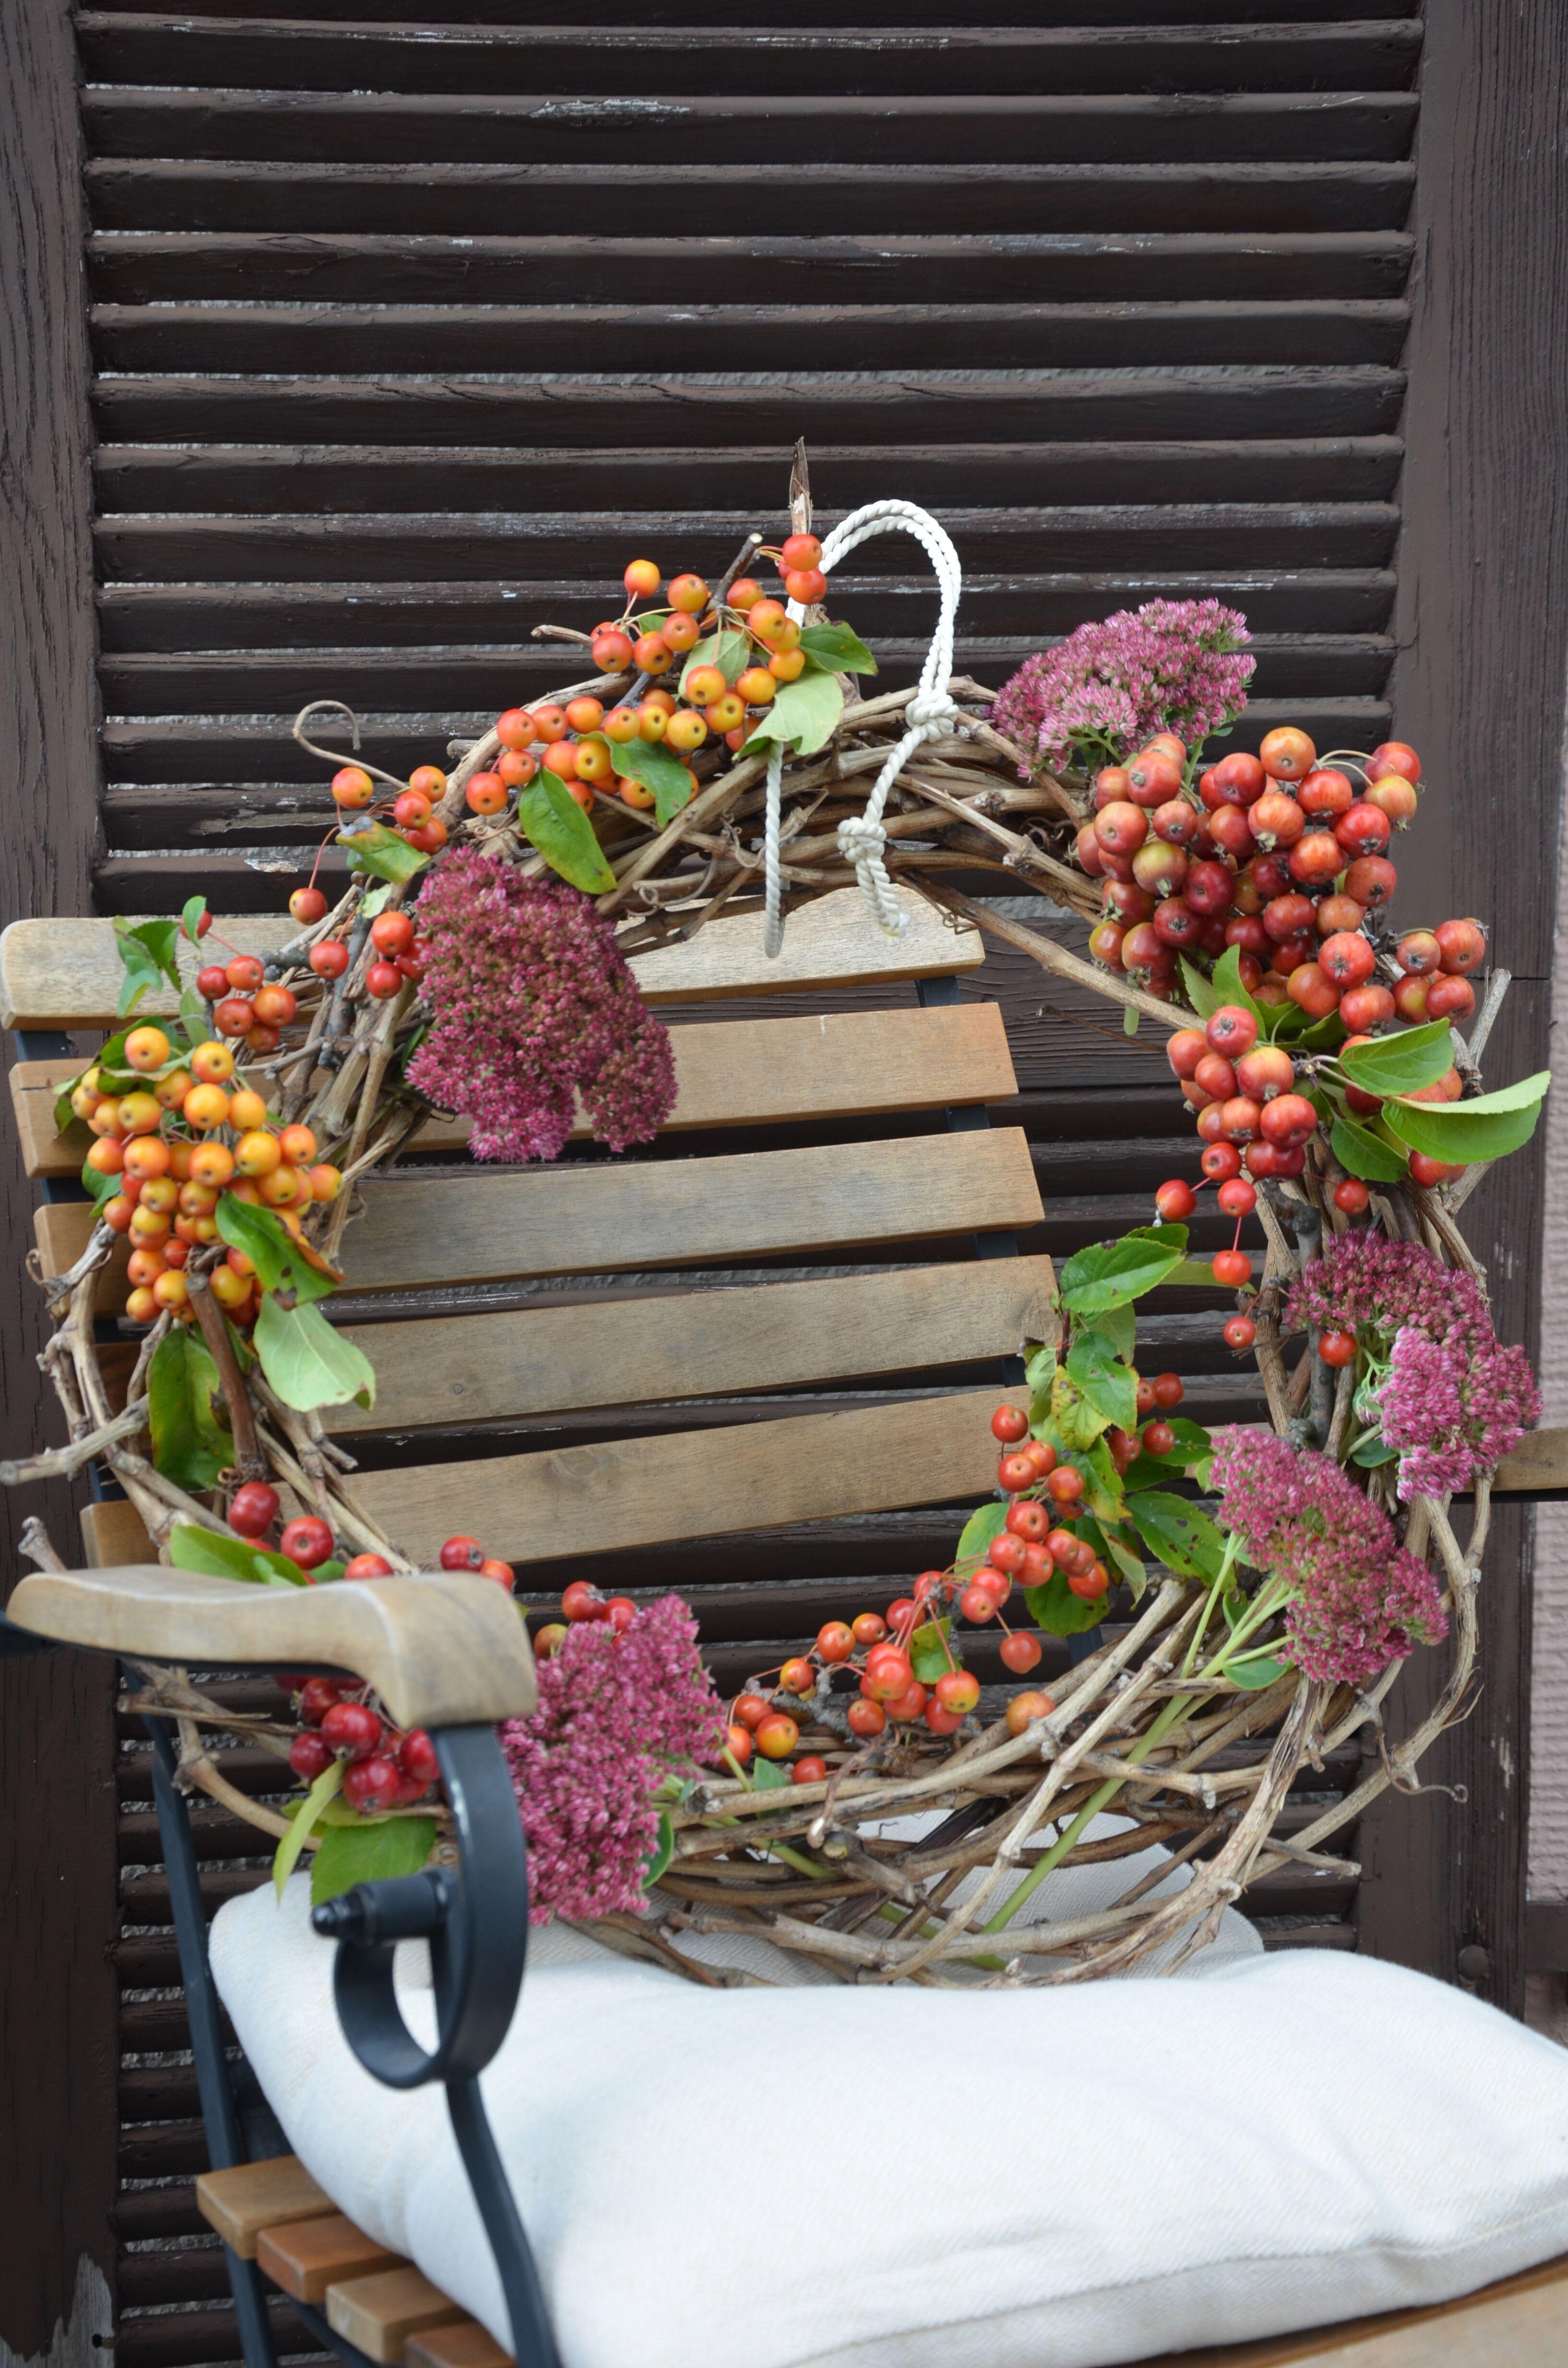 herbstkranz aus naturmaterialien kransen pinterest herbstkr nze naturmaterialien und kr nze. Black Bedroom Furniture Sets. Home Design Ideas